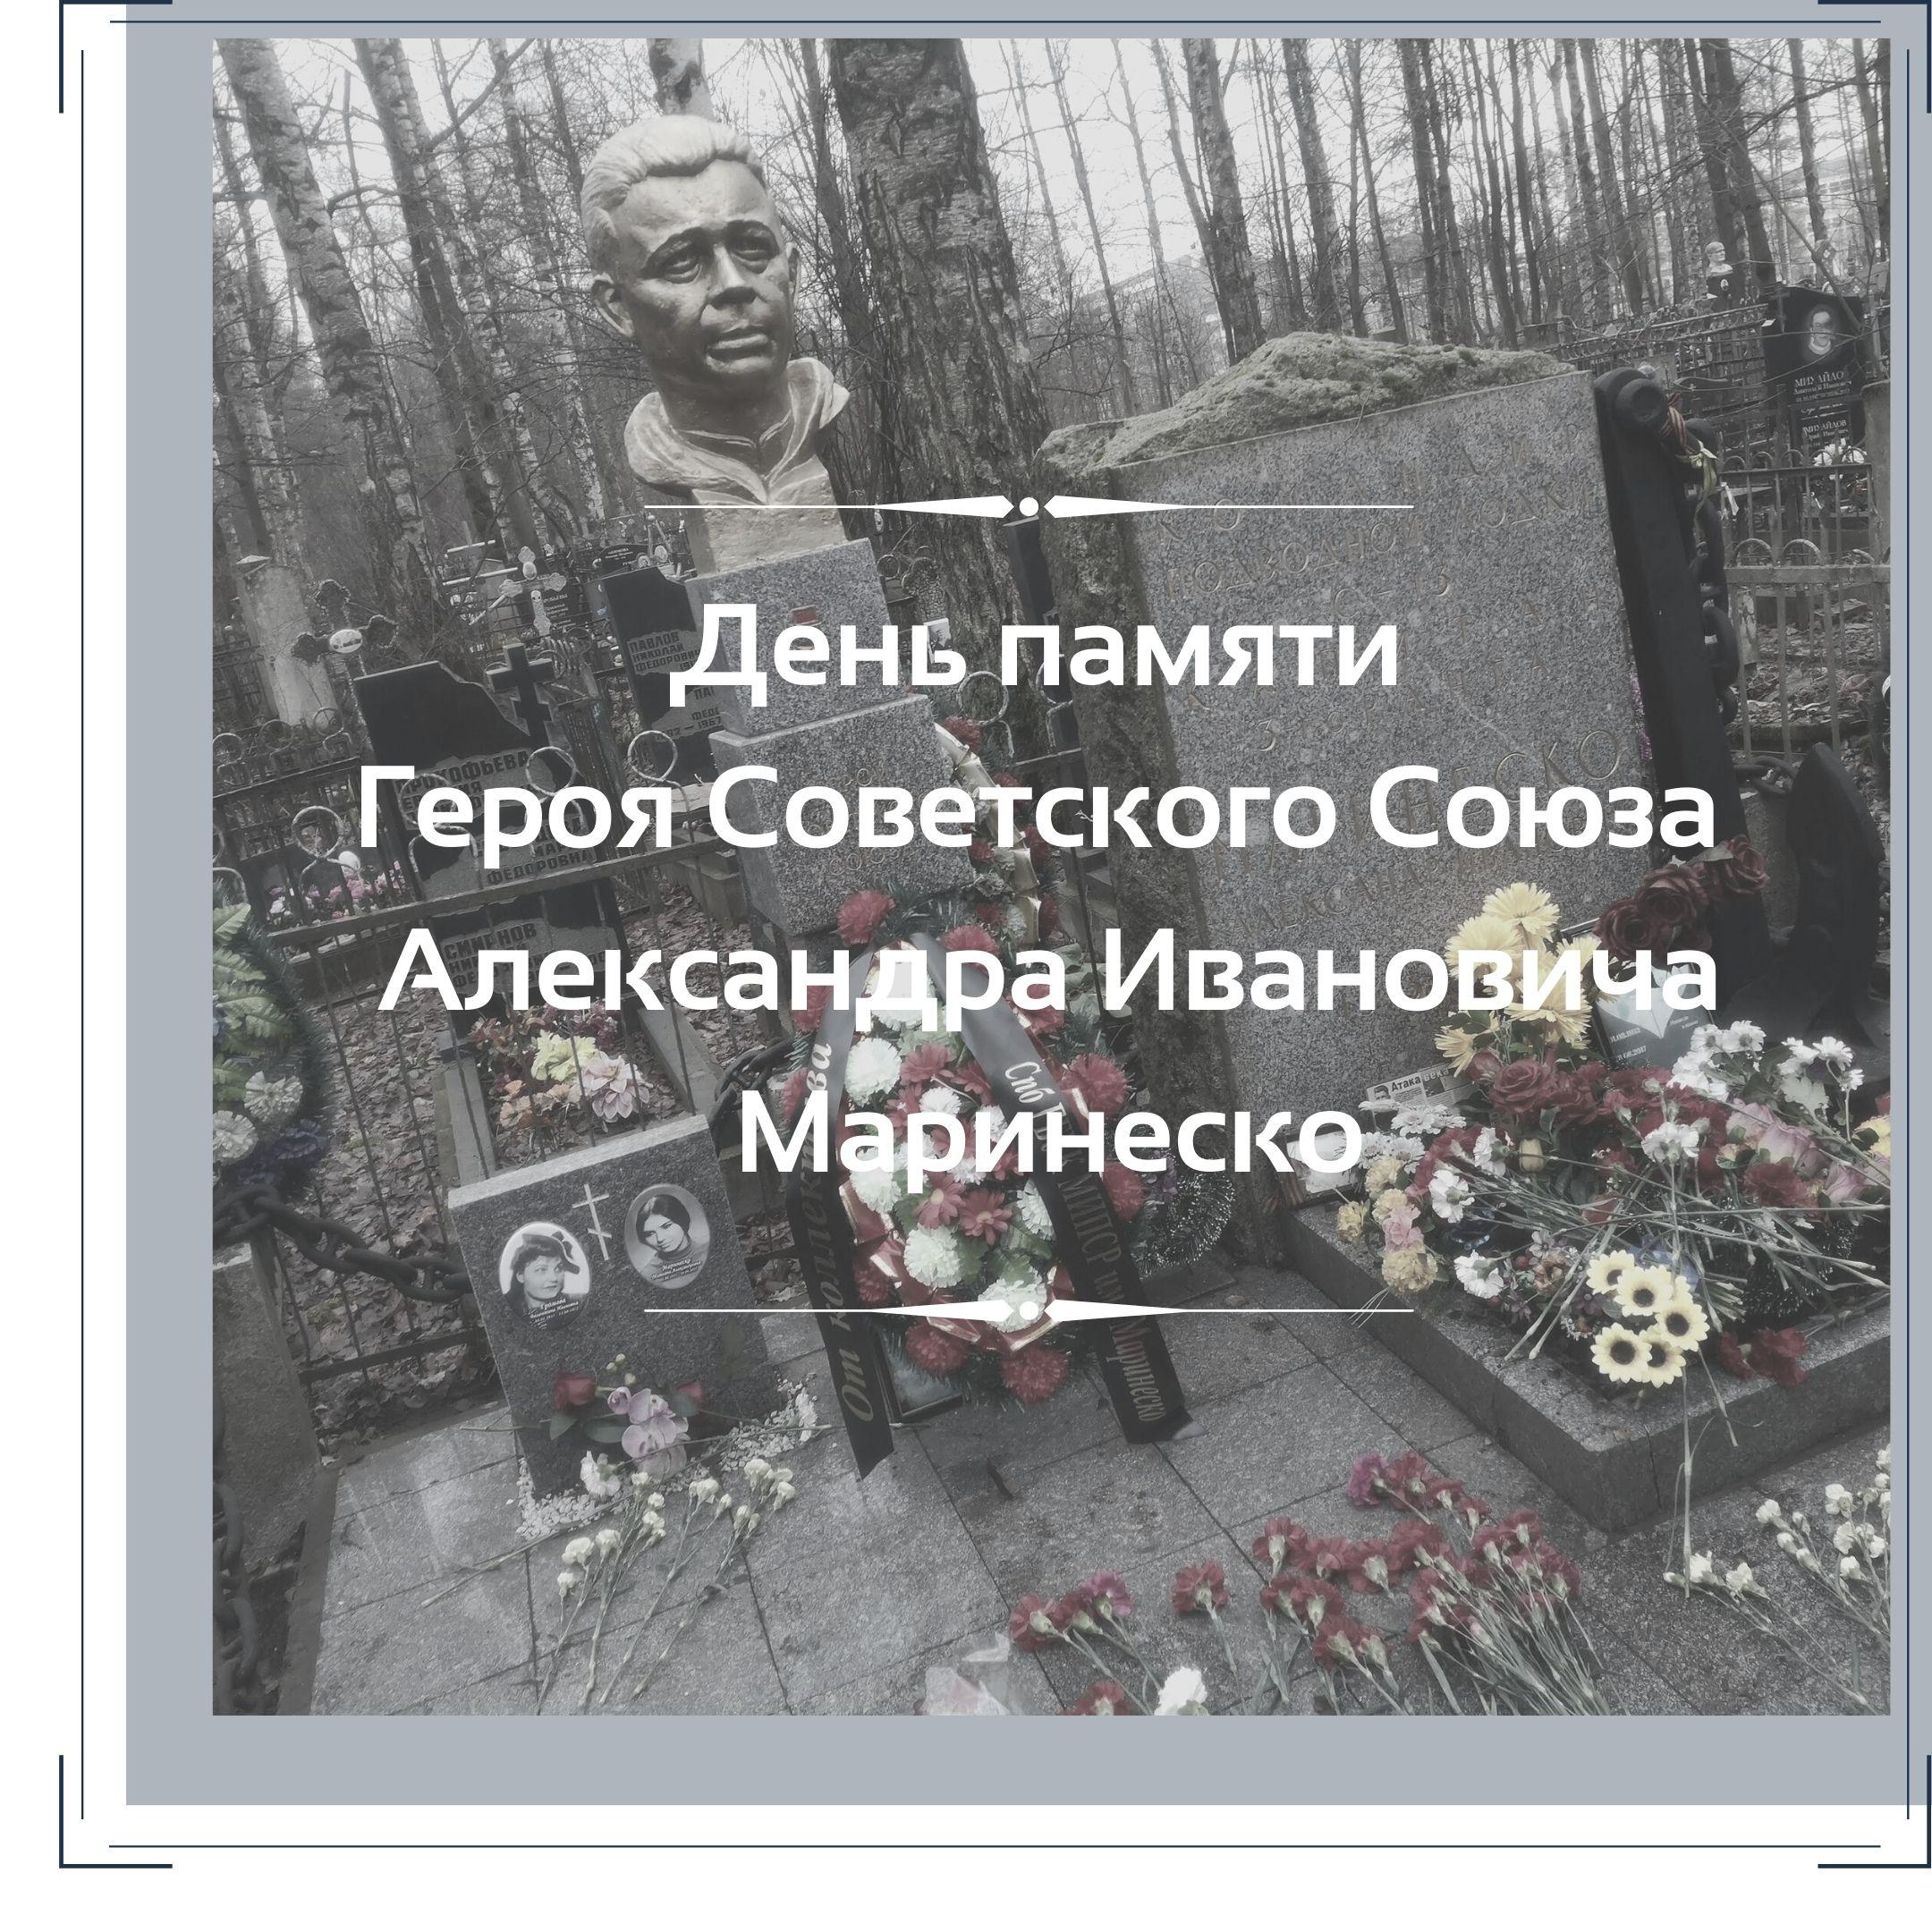 День памяти Героя Советского Союза, капитана 3 ранга А.И. Маринеско